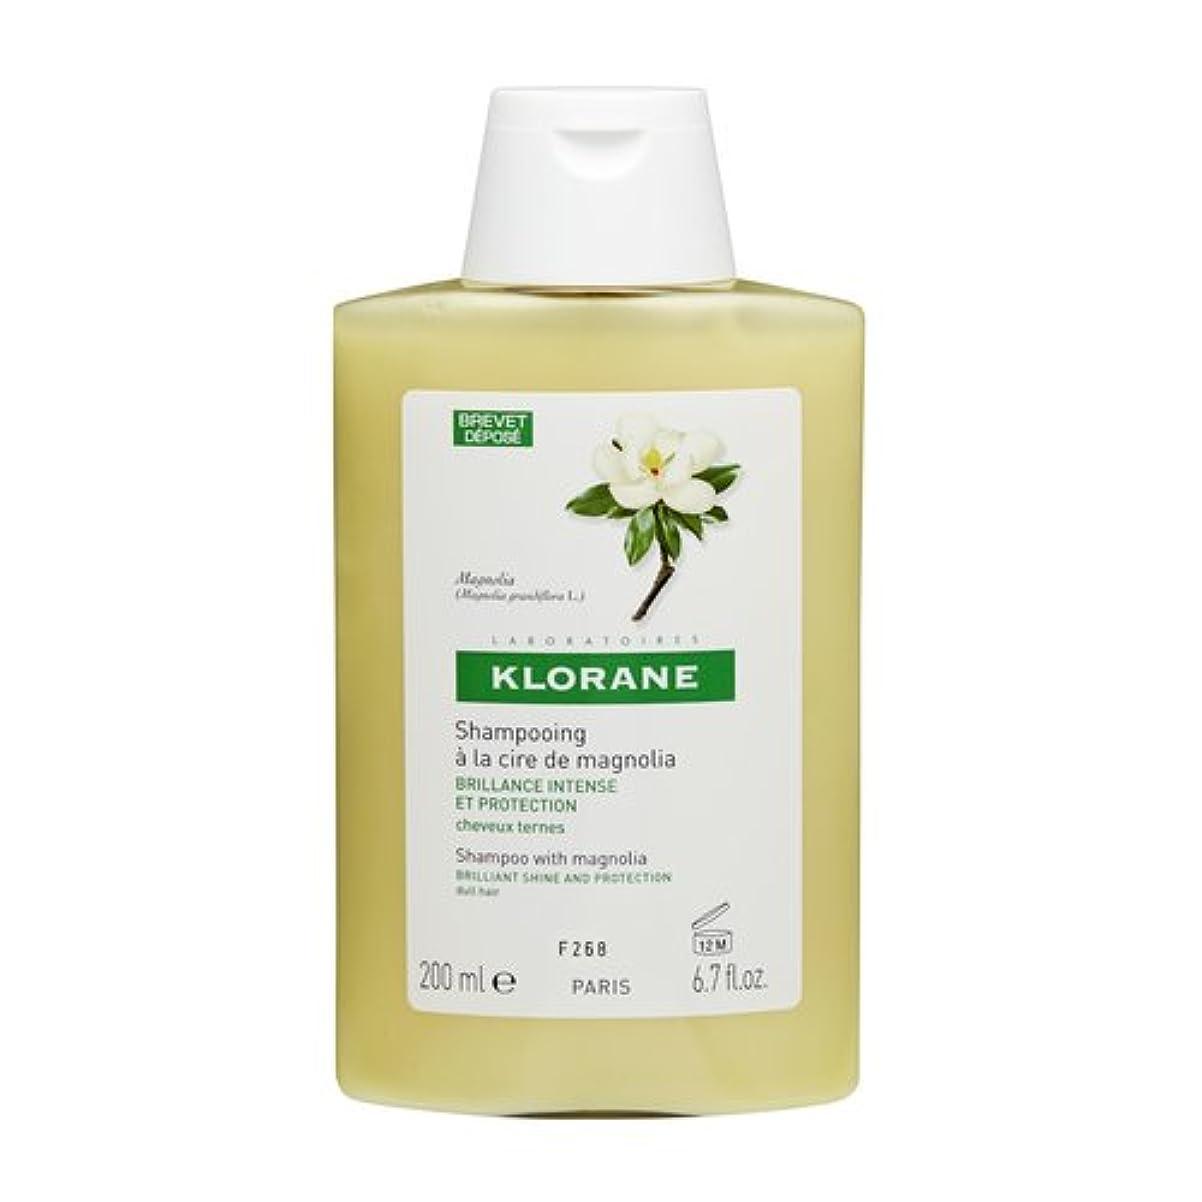 ジョセフバンクスホース間違っているKlorane Shampoo Magnolia Wax 200ml [並行輸入品]